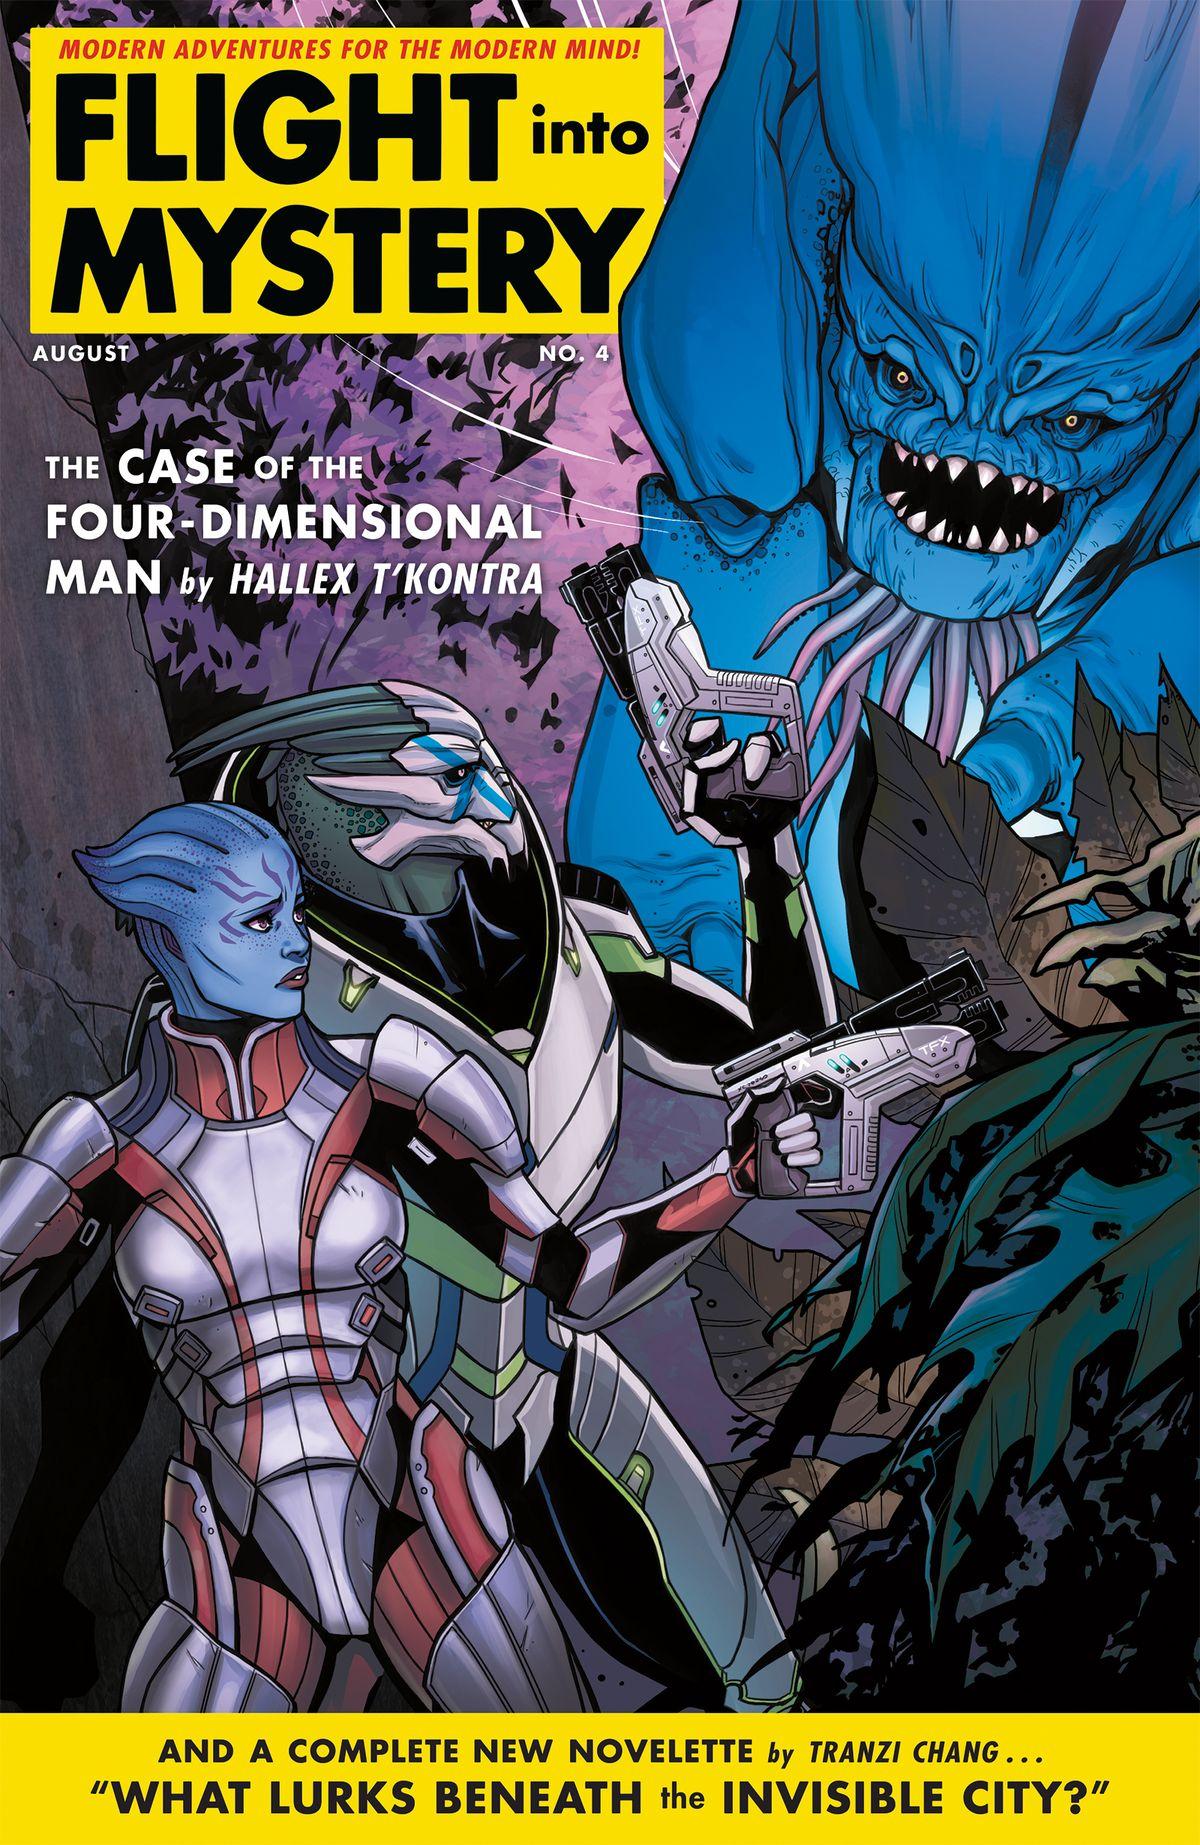 Chequea estas imágenes del comic de Mass Effect: Andromeda